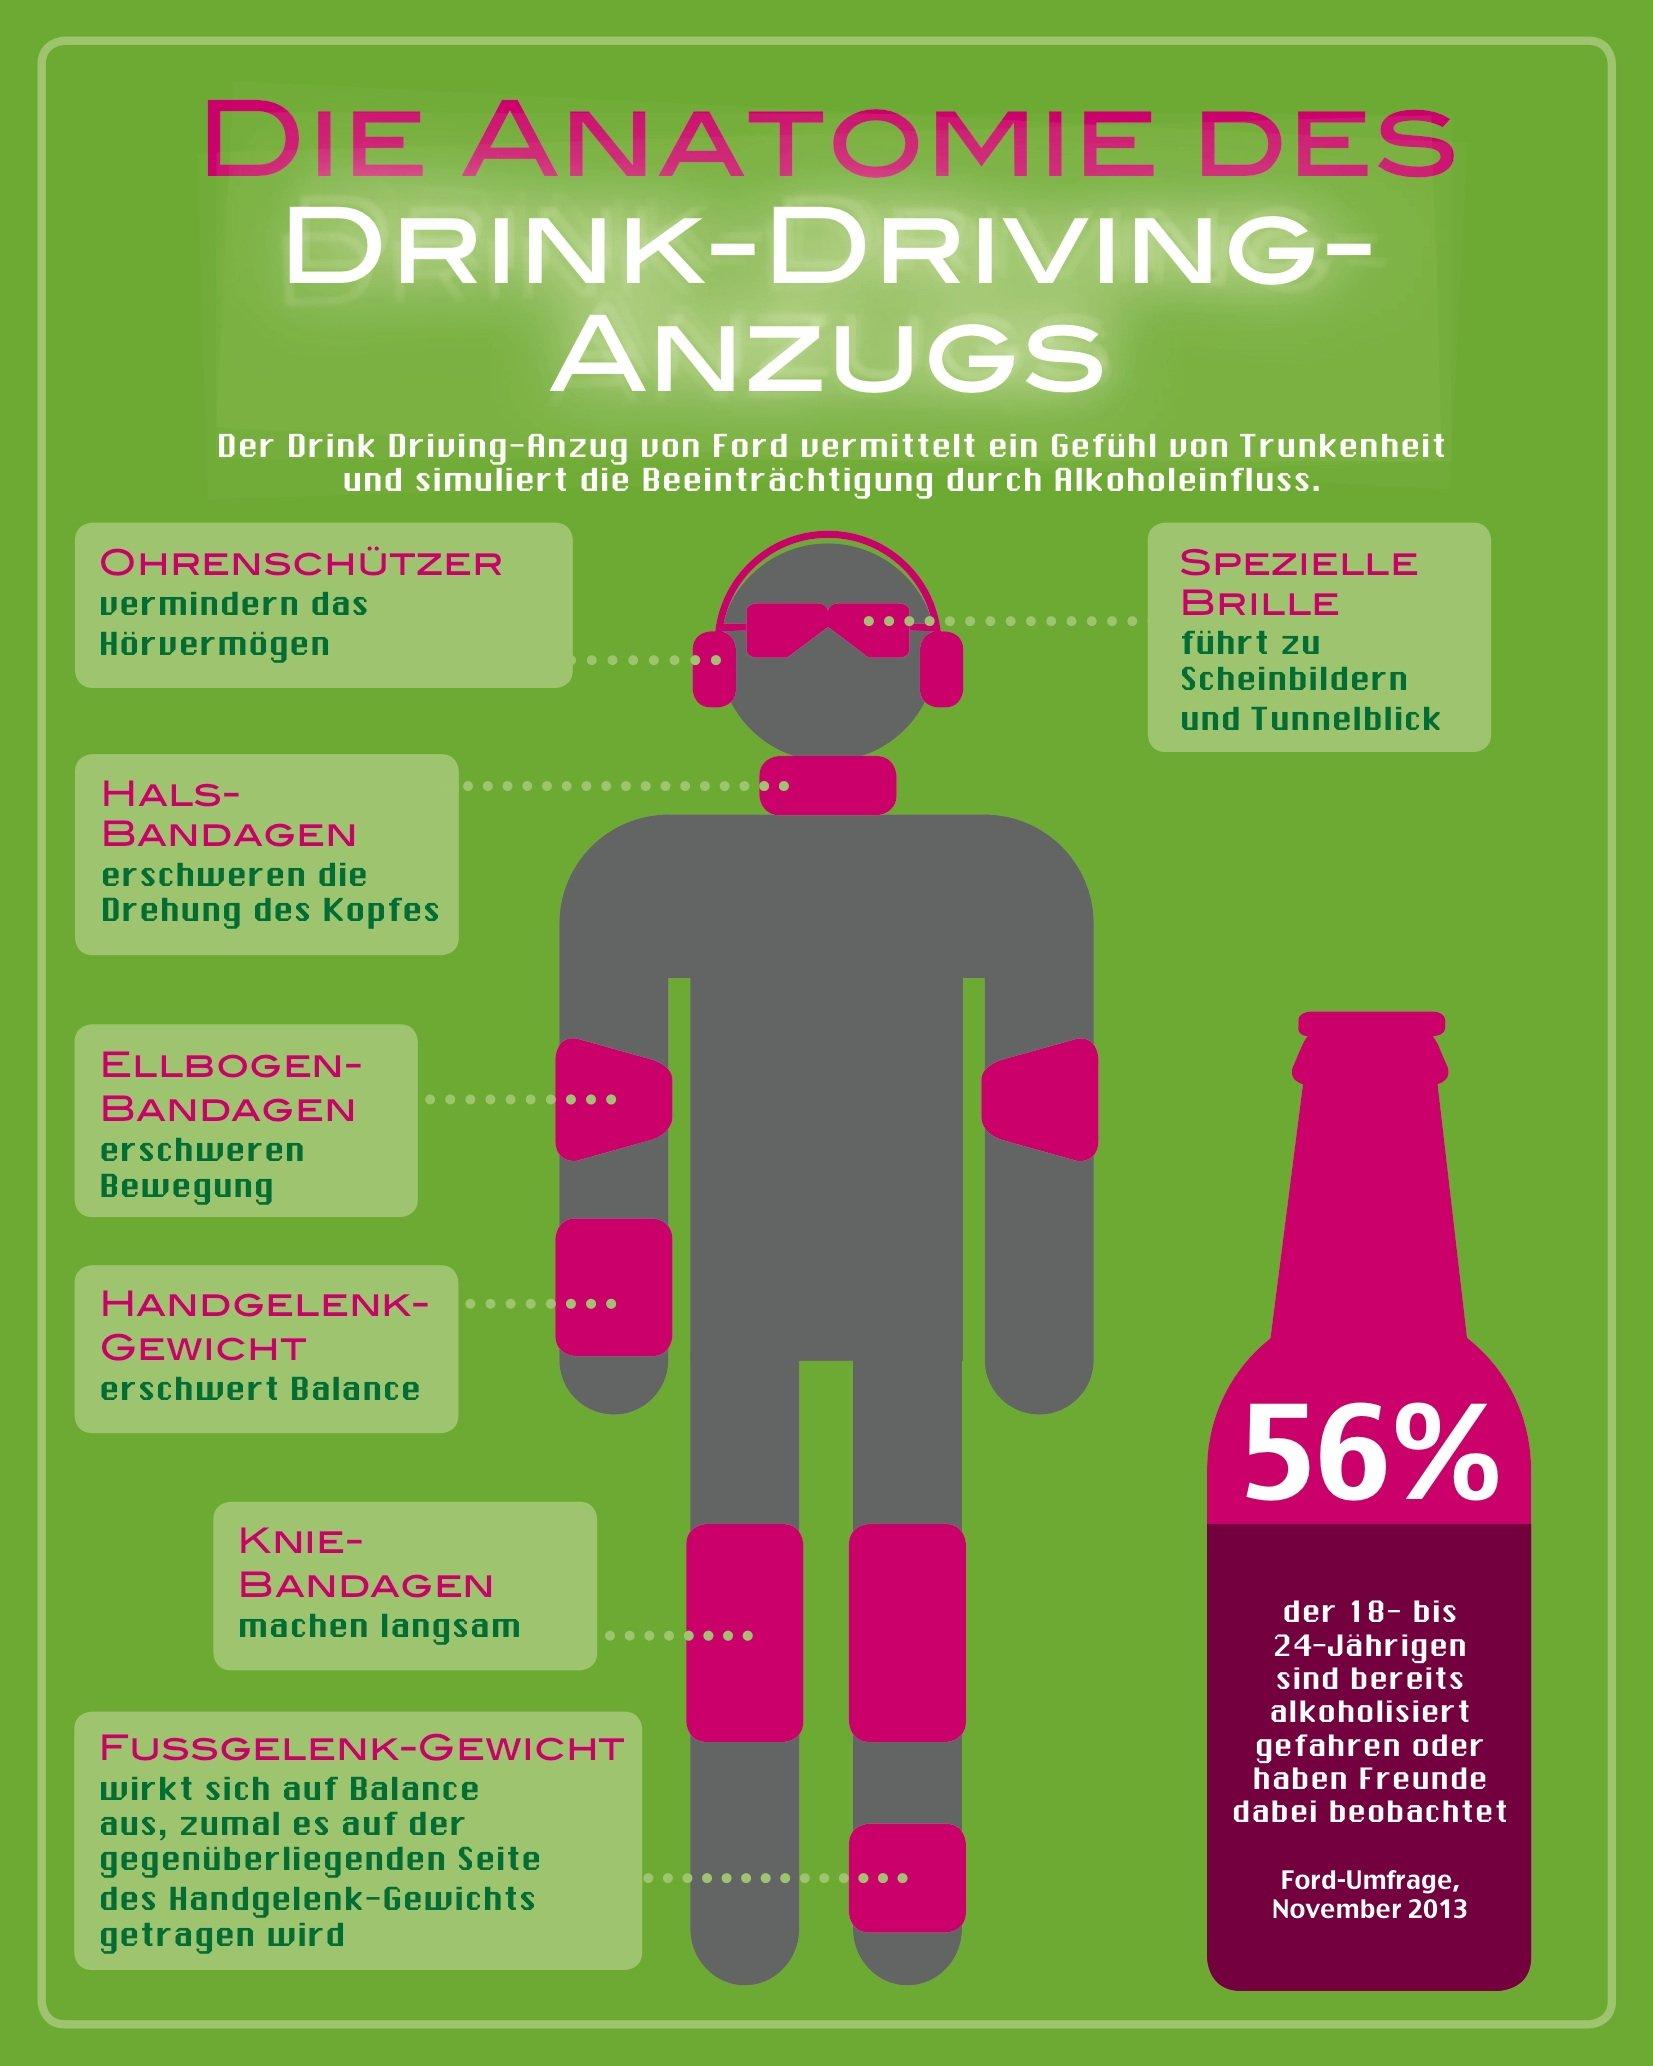 Mehr als die Hälfte aller jungen Autofahrer in Europa haben sich schon mindestens ein Mal unter Alkoholeinfluss hinter das Steuer gesetzt oder zumindest Freunde gesehen, die vor Fahrtantritt Alkohol konsumiert hatten. Das ergab eine von Ford in Auftrag gegebene Studie. Die Befragung von insgesamt 5.000 Fahrern im Alter zwischen 18 und 24 Jahren zeigte auch, dass ein Drittel der Studienteilnehmer schon einmal als Beifahrer von alkoholisierten Personen mitgefahren ist. 66 Prozent gaben zu, dass sie die zulässige Promillegrenze für die Teilnahme am Straßenverkehr nicht genau kennen.